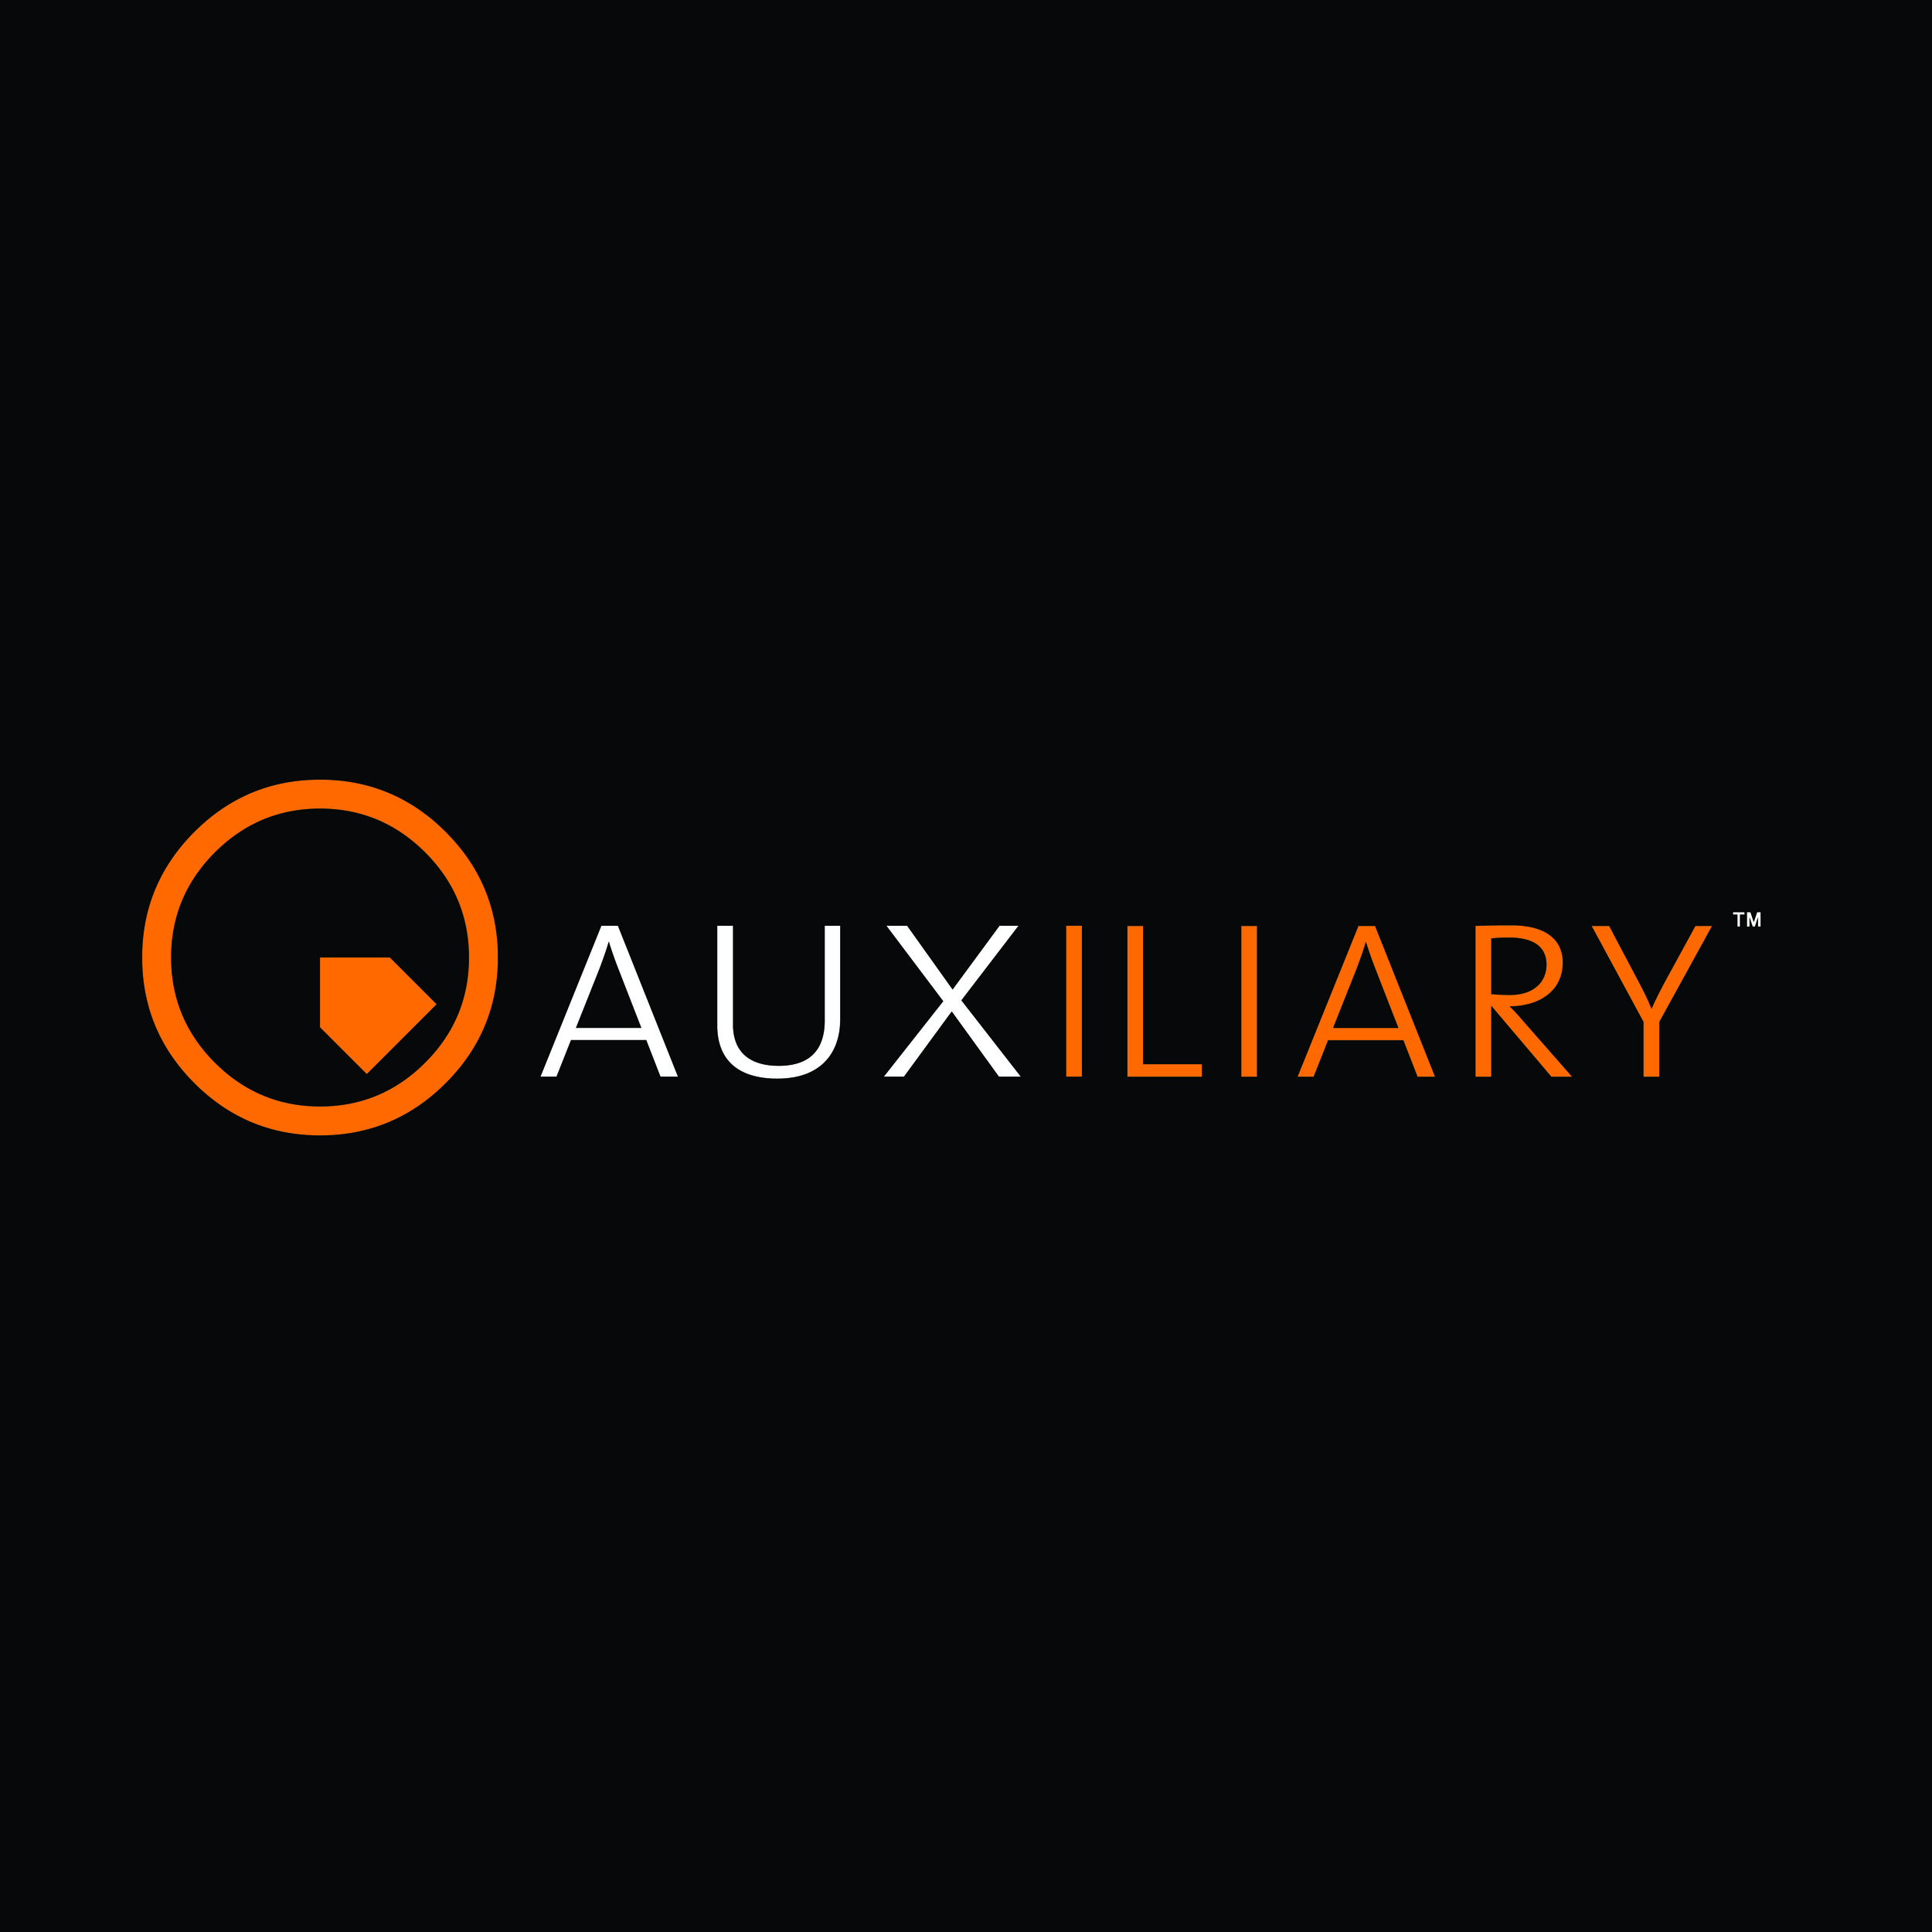 www.auxiliarymusic.com